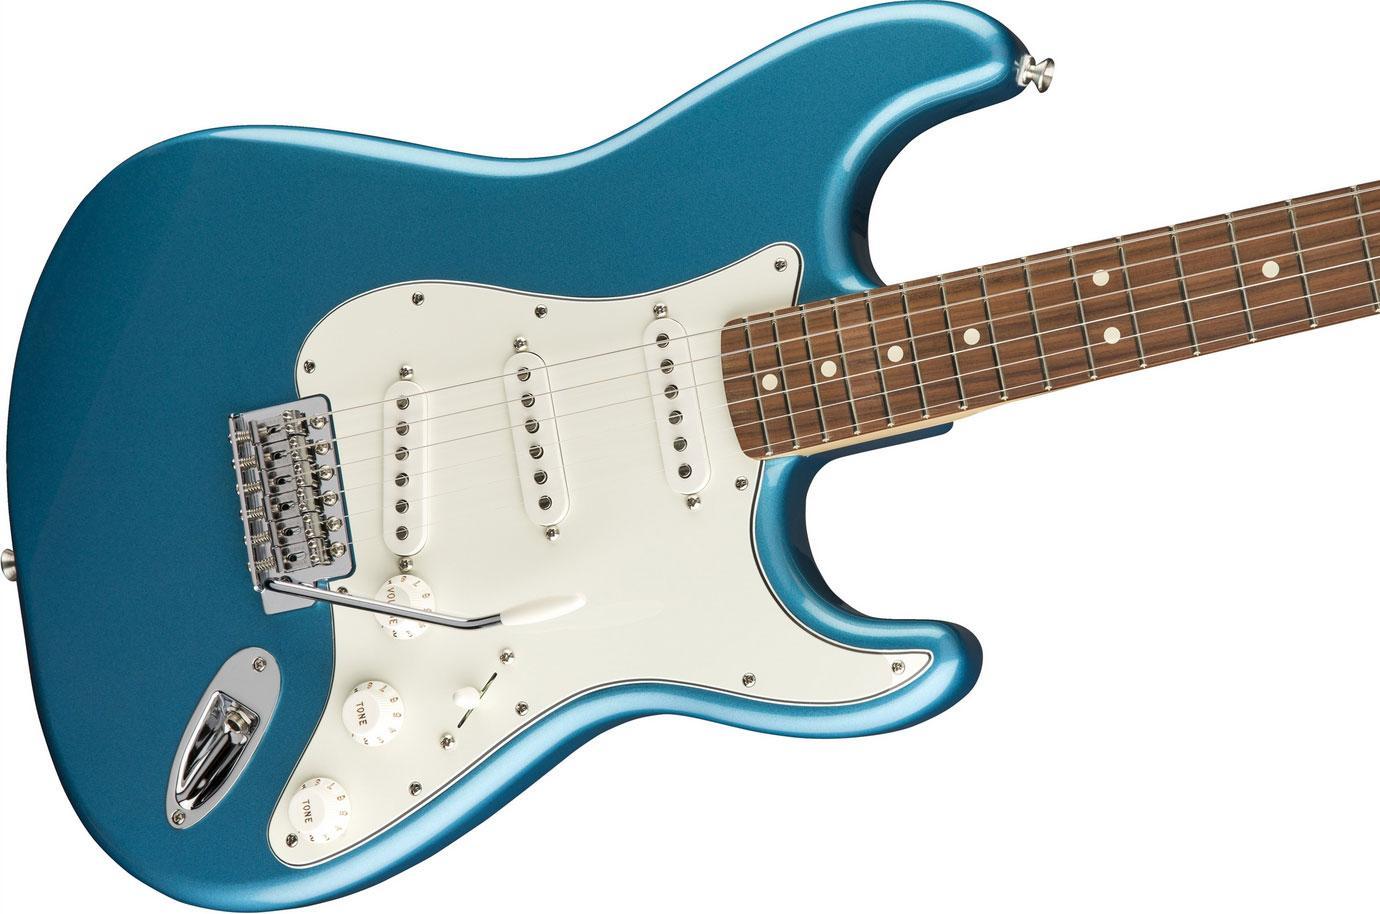 Groß Fender Stratocaster Schematische Darstellung Galerie ...